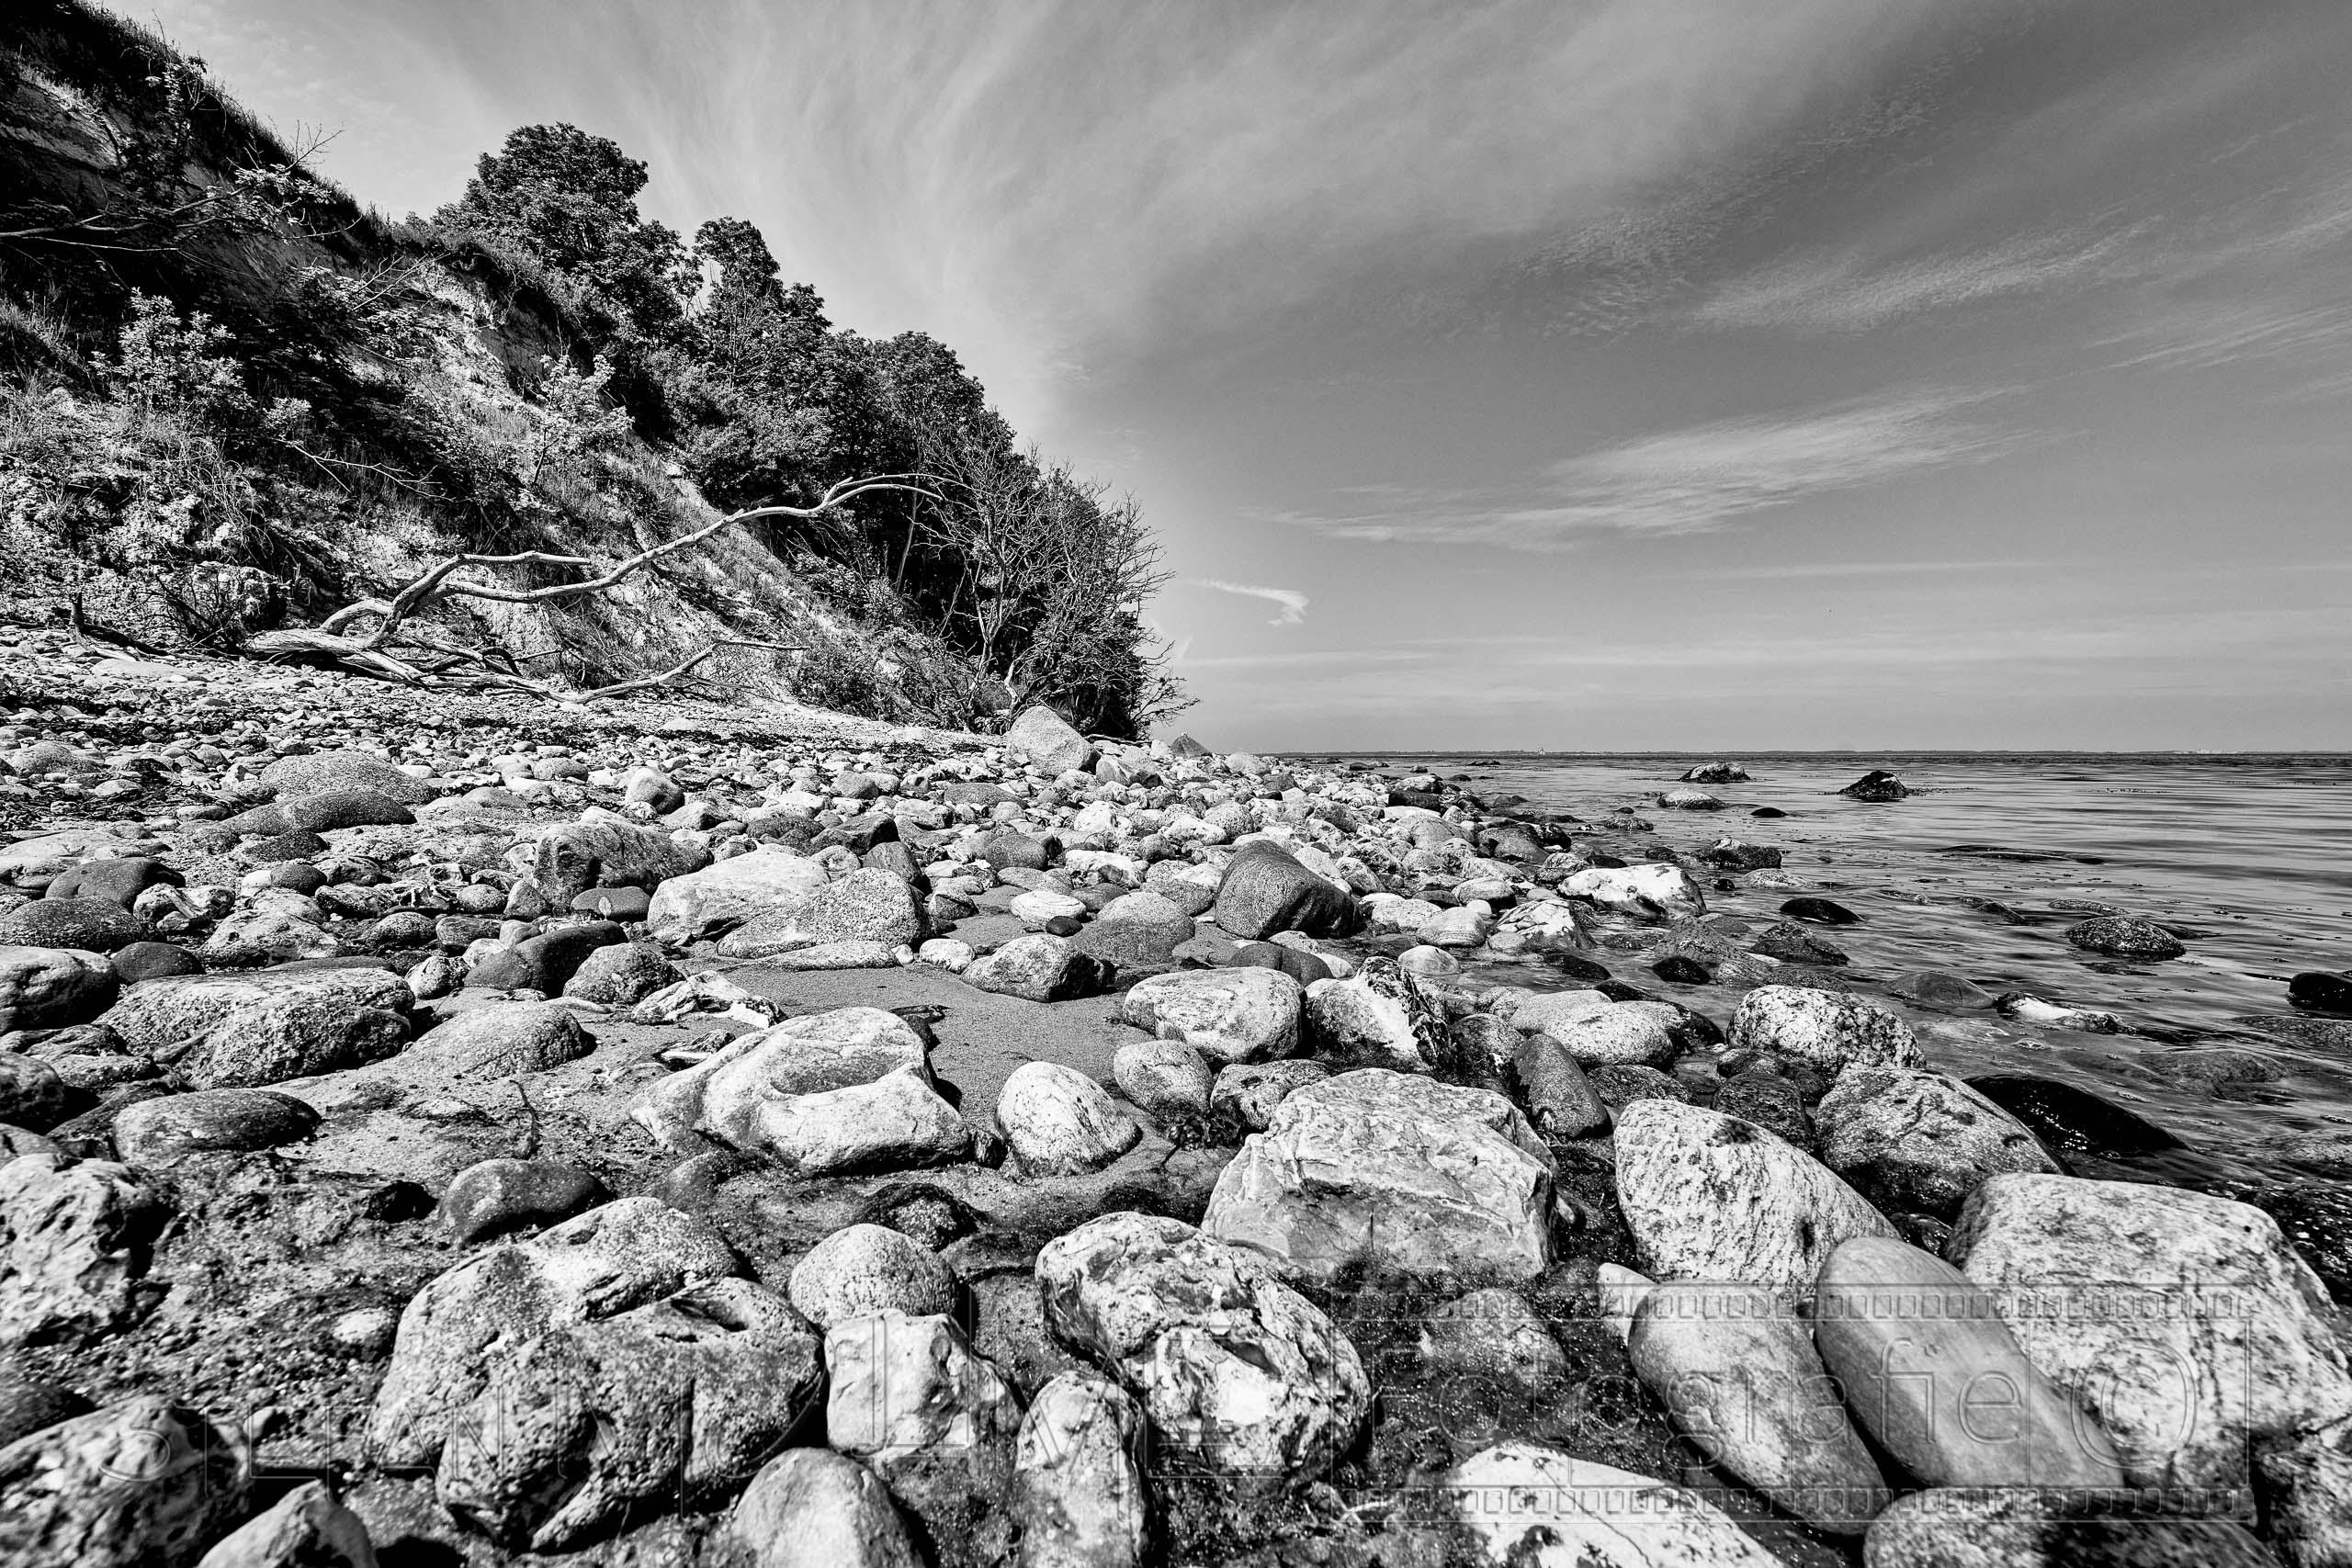 Steilküste, Ostseestrand, Schwarzweiss